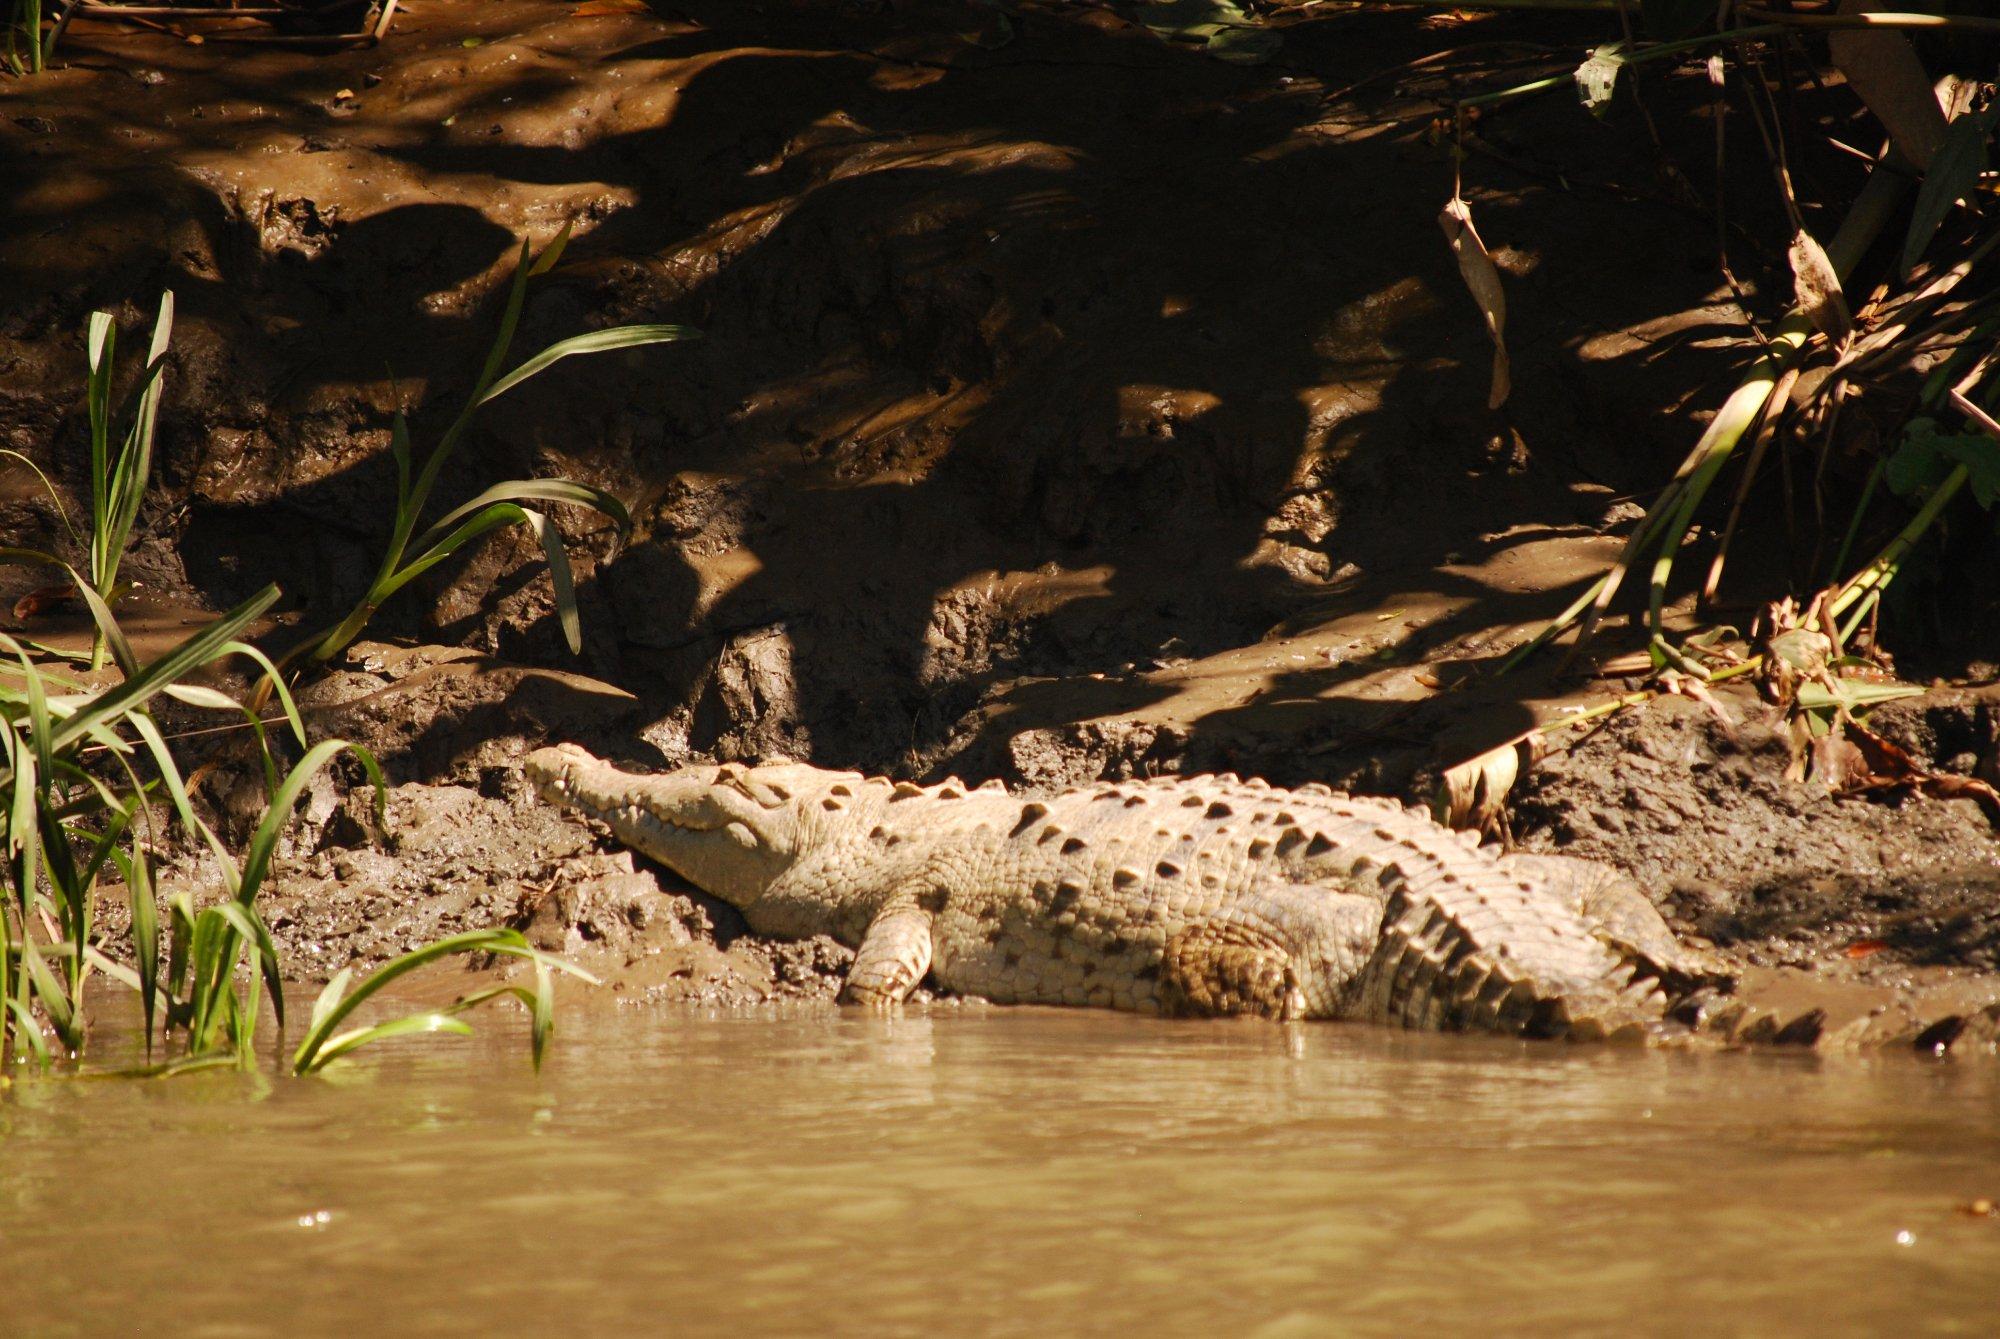 River cruise in Costa Rica